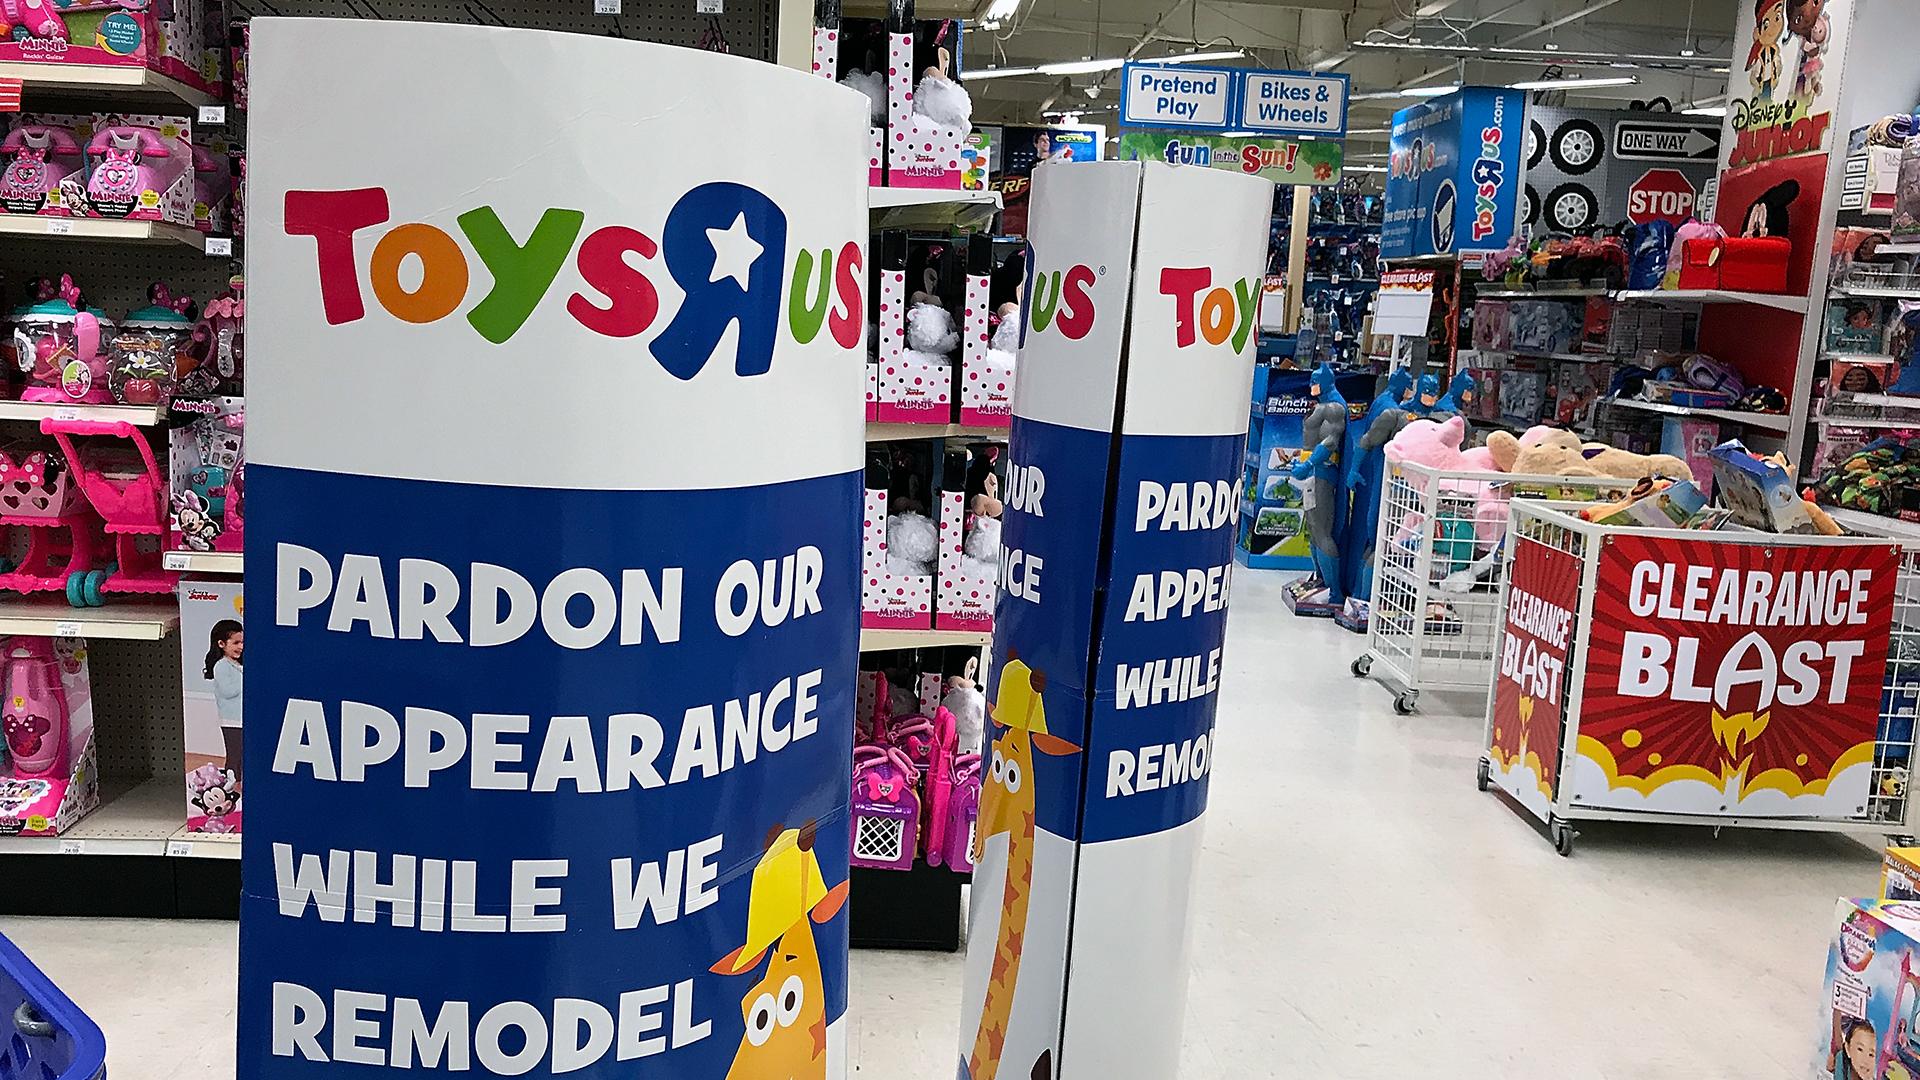 Toys R Us Interior-159532.jpg57391384